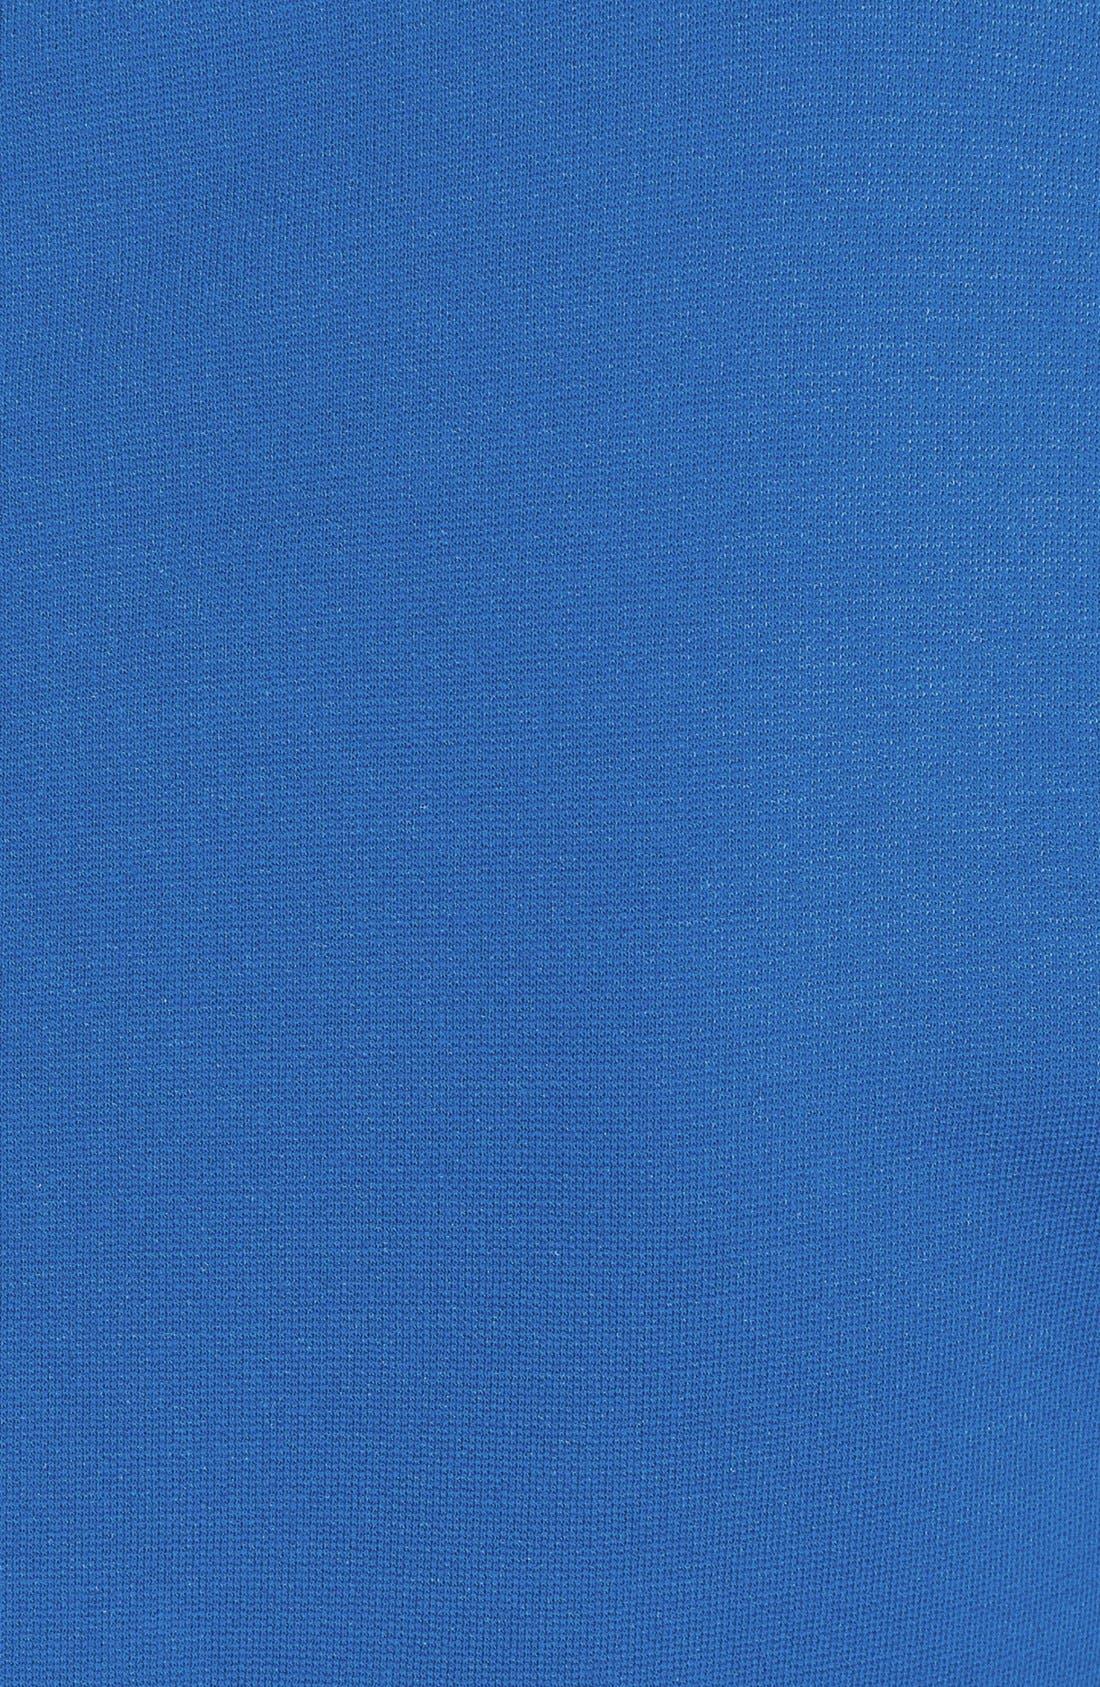 Alternate Image 3  - Diane von Furstenberg 'Ivana' Fit & Flare Dress